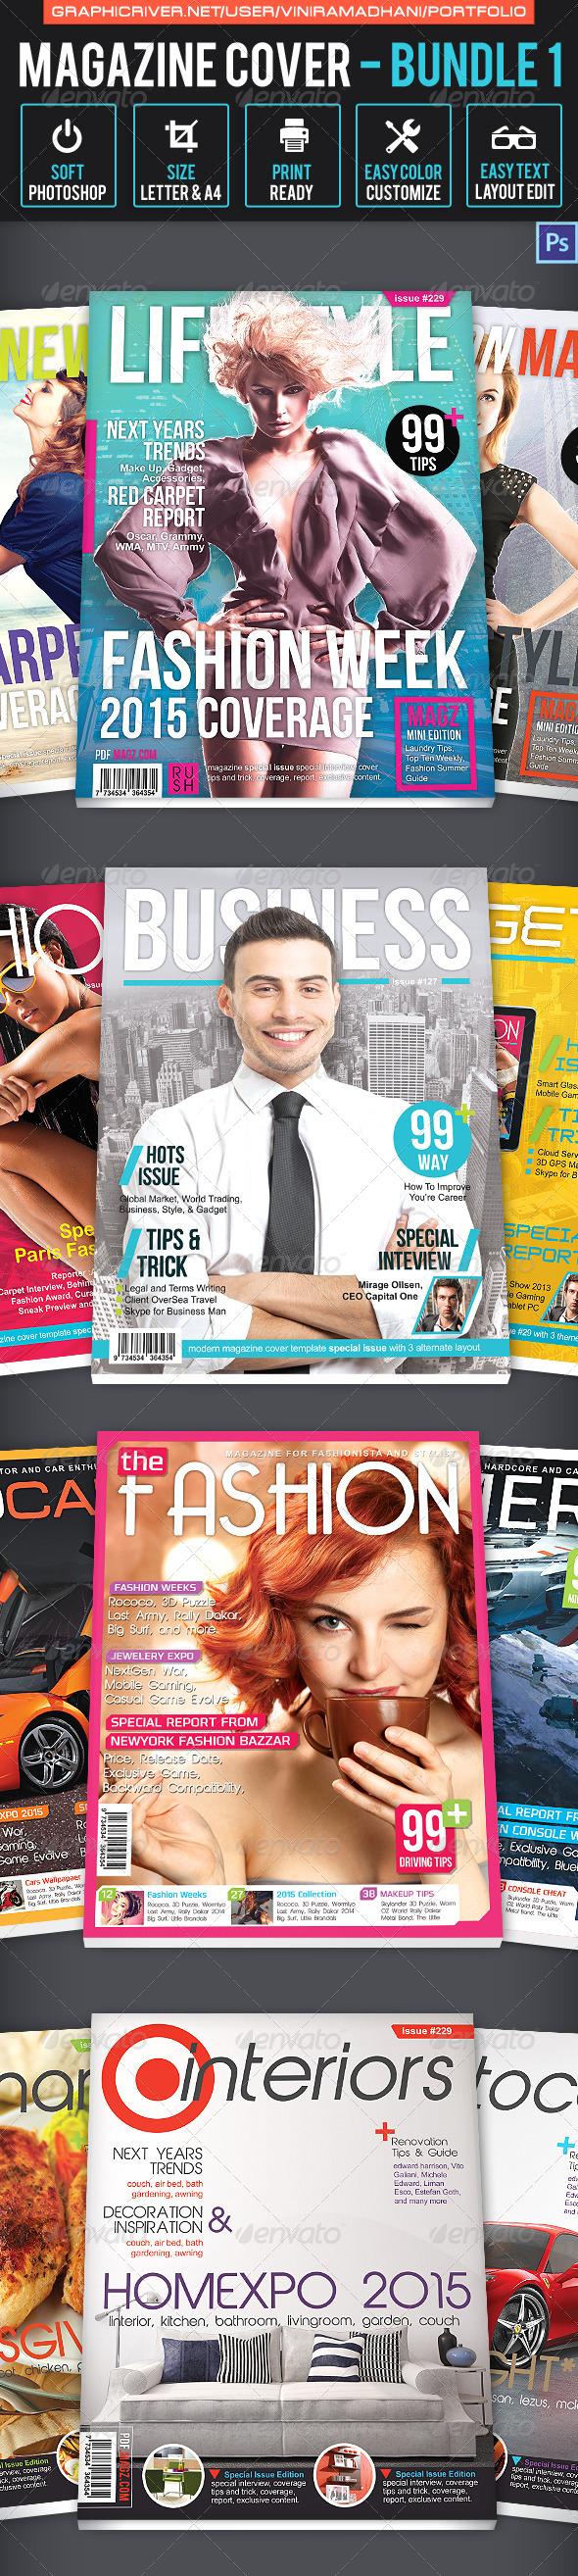 GraphicRiver Magazine Cover Bundle 1 7026376